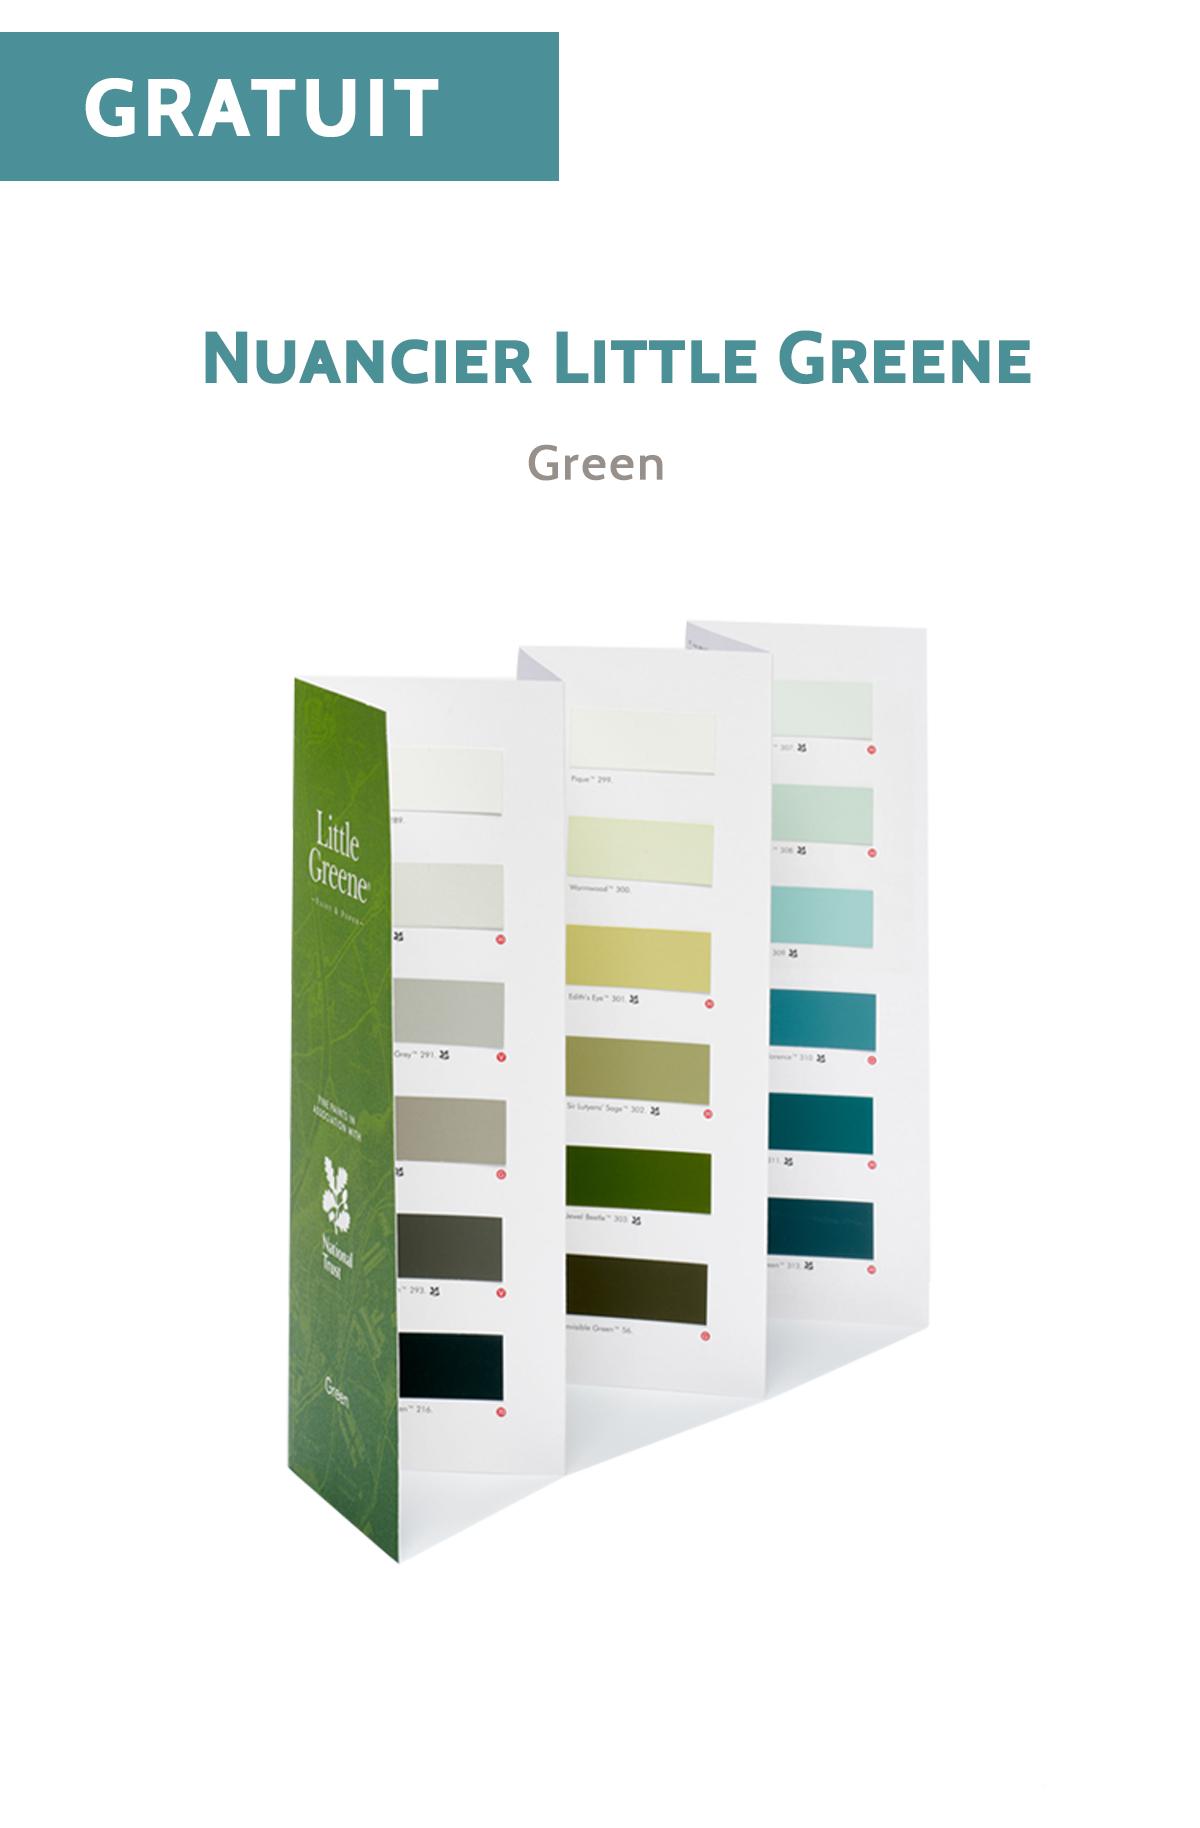 Nuancier Little Greene - Green